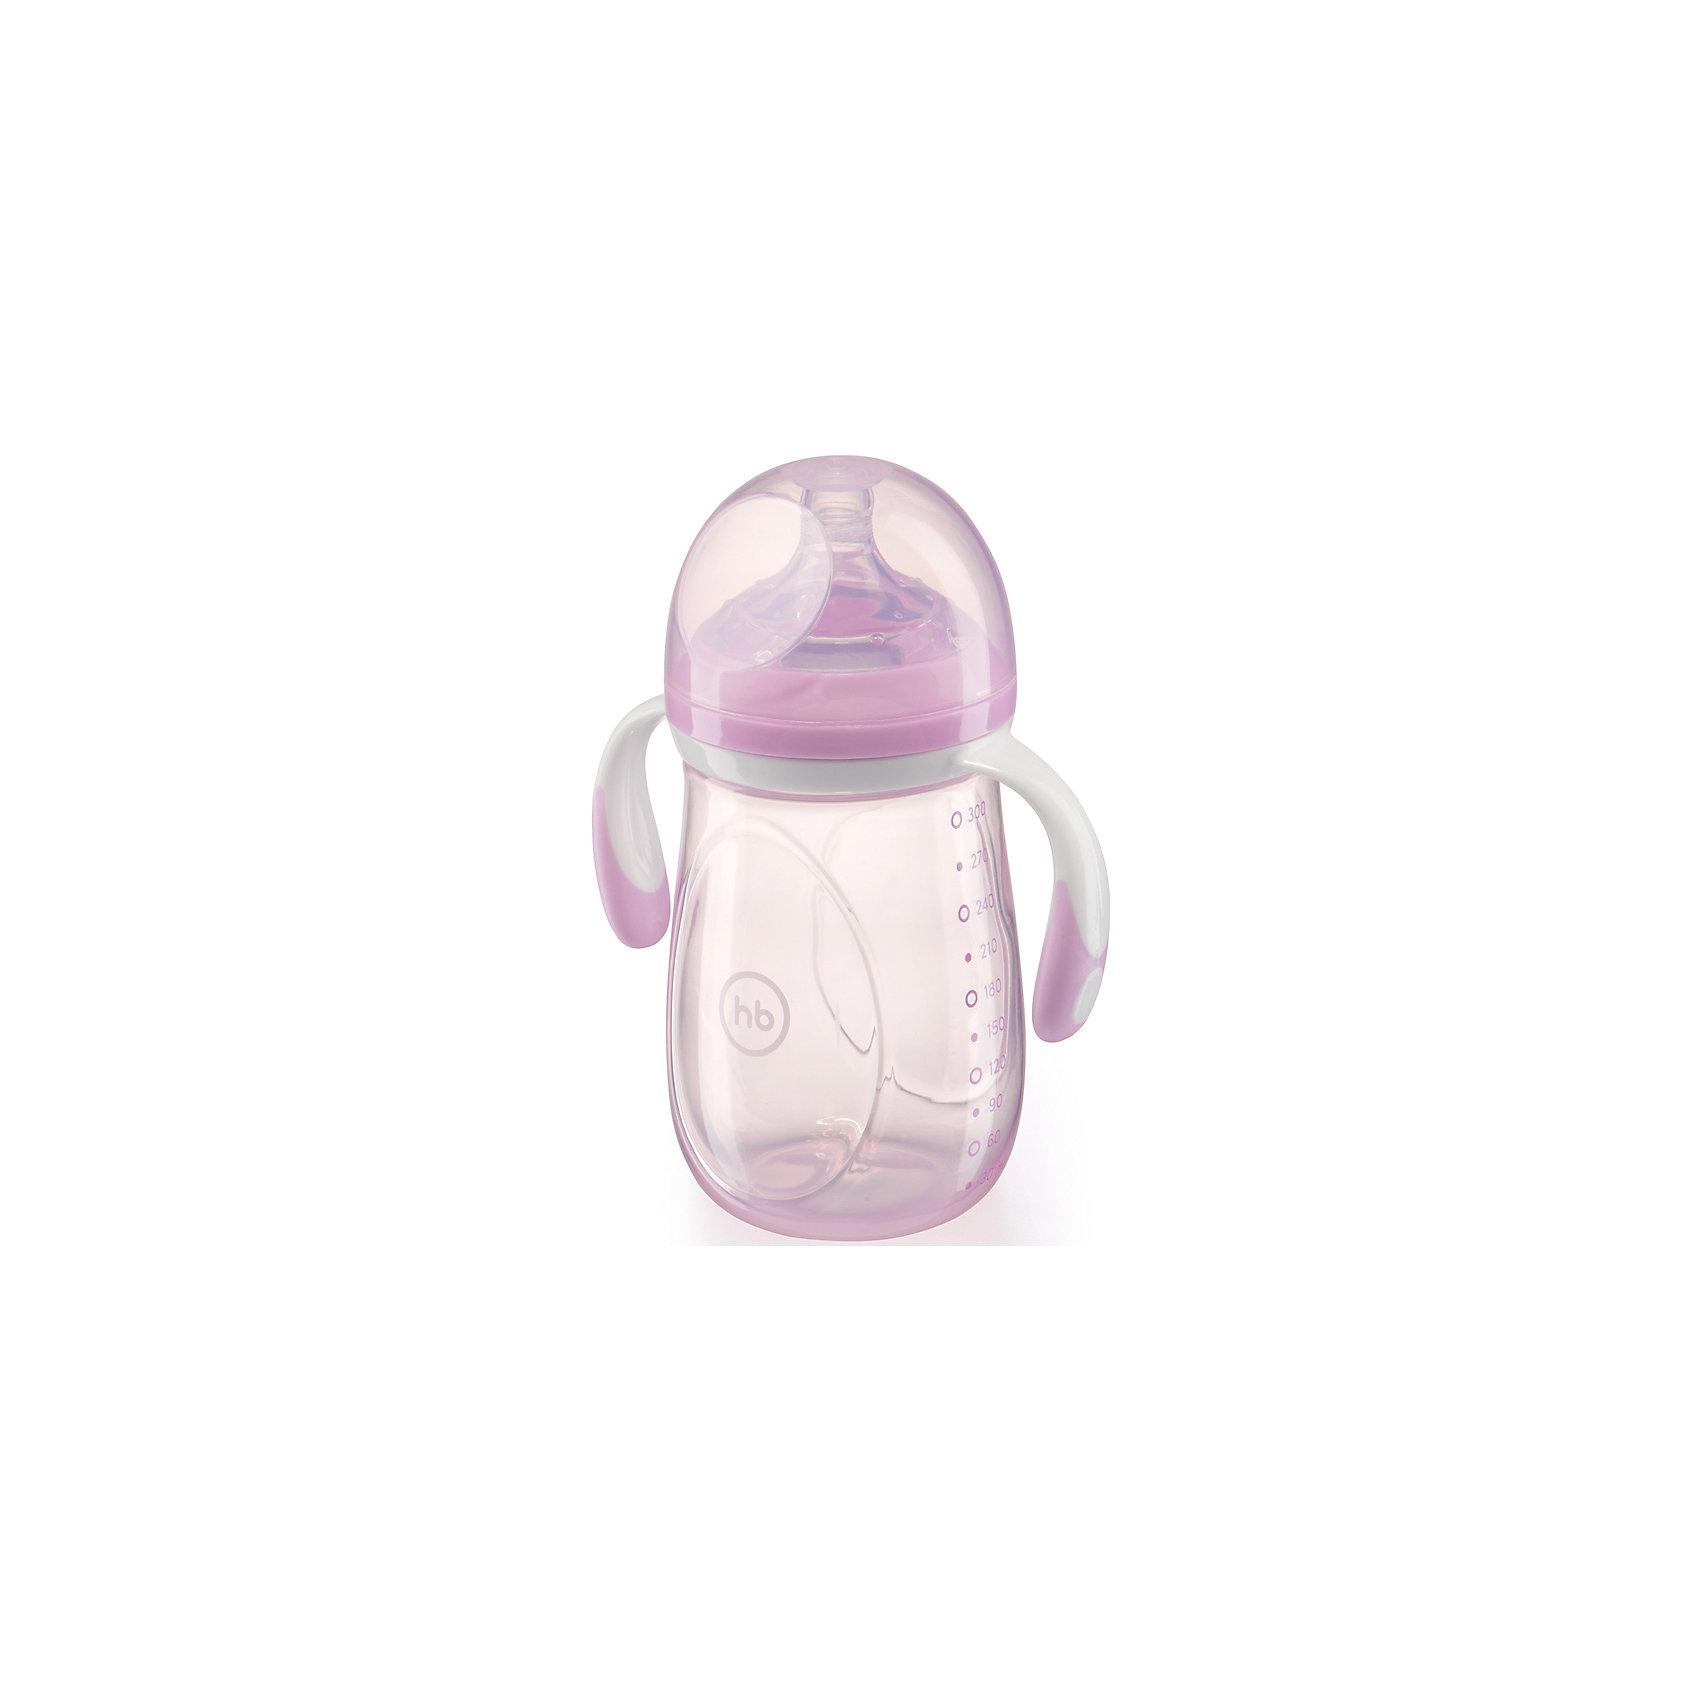 Бутылочка для кормления с антиколиковой соской, 300 мл, Happy Baby, фиолетовыйБутылочки и аксессуары<br>Бутылочка для кормления с антиколиковой соской Happy Baby  300 мл, фиолетовый оснащена антиколиковой силиконовой соской с медленным потоком,<br>Бутылочка идеально подойдет для кормления новорожденных малышей. Изделие выполнено из безопасных материалов, не содержащих бисфенол-А.<br>Бутылочка снабжена антиколиковым клапаном и съемными ручками с антискользящим покрытием. На стенке корпуса нанесена мерная шкала. Бутылочка закрывается плотным колпачком, что позволяет сохранять соску чистой и уберегает от проливания. Естественная физиологическая форма мягкой силиконовой соски позволяет ребенку захватывать ее широко раскрытым ртом, как и грудь мамы, что способствует сохранению грудного вскармливания. Бутылочку рекомендуется мыть ершиком и горячей водой с мылом или в посудомоечной машине, тщательно ополаскивать.<br><br>Дополнительная информация:<br><br>-  широкое горло<br>-  медленный поток<br> - антиколиковая силиконовая соска<br> - съемные ручки с антискользящим покрытие<br> - удобная форма для прочного удерживания в руке<br>- герметичная крышка<br>- шкала с делением в 30 мл.<br>- возраст ребенка: от 0 месяцев<br>- материал полипропилен, силикон, эластомер<br><br>Бутылочку  для кормления с антиколиковой соской, 300 мл, Happy Baby, фиолетовый можно купить в нашем интернет- магазине<br><br>Ширина мм: 70<br>Глубина мм: 125<br>Высота мм: 210<br>Вес г: 123<br>Возраст от месяцев: 0<br>Возраст до месяцев: 12<br>Пол: Унисекс<br>Возраст: Детский<br>SKU: 4696786